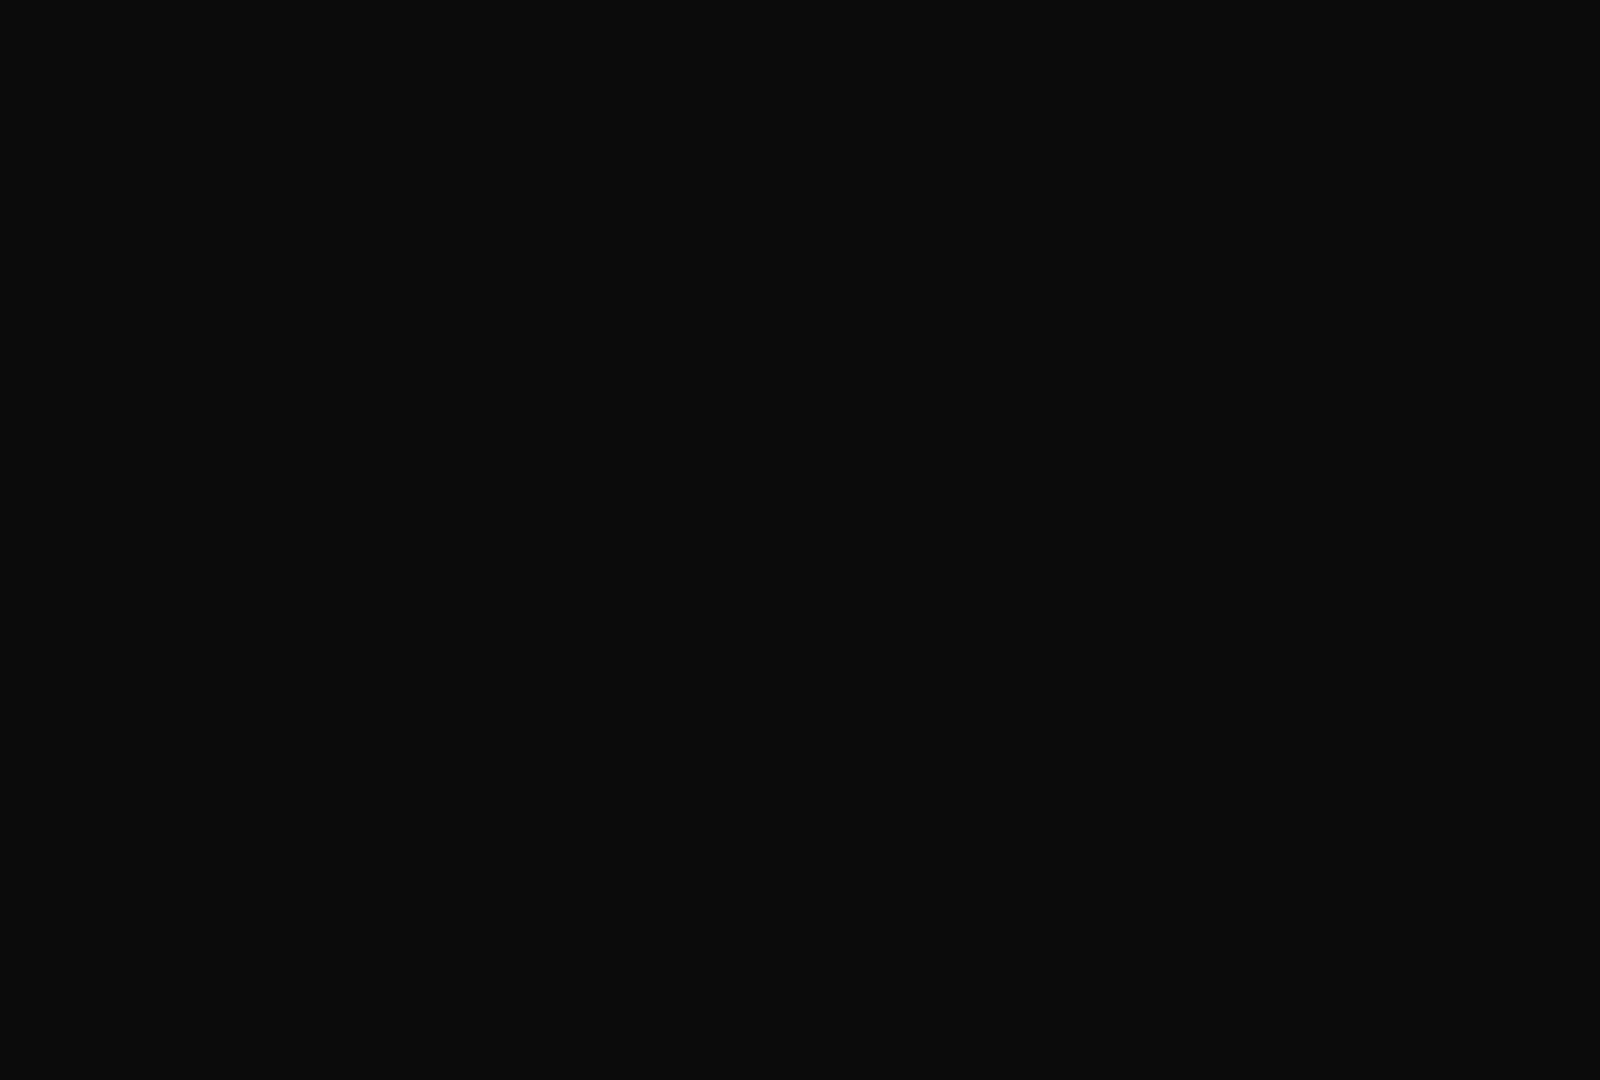 充血監督の深夜の運動会Vol.87 マンコ | OLの実態  91pic 49